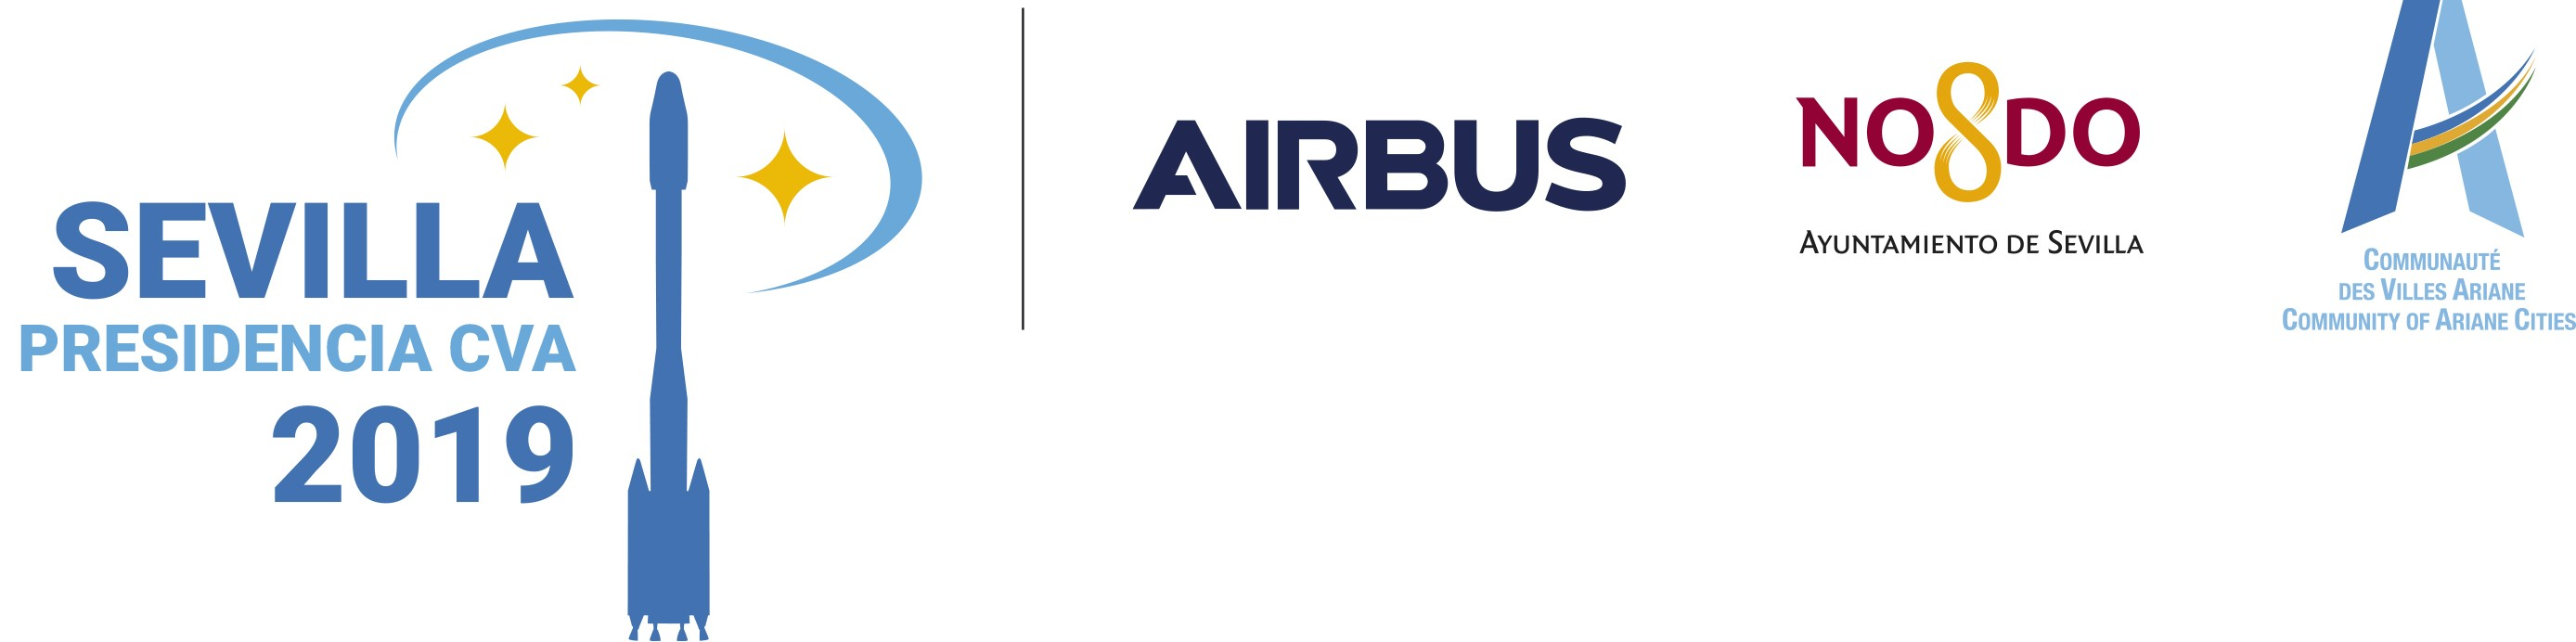 Nota de Prensa: AIRBUS D&S ANALIZA LAS APORTACIONES ESPAÑOLAS A LA TECNOLOGÍA DE LANZADORES EN LA 167ª SESIÓN DEL FORO ESPACIAL DE ANDALUCÍA